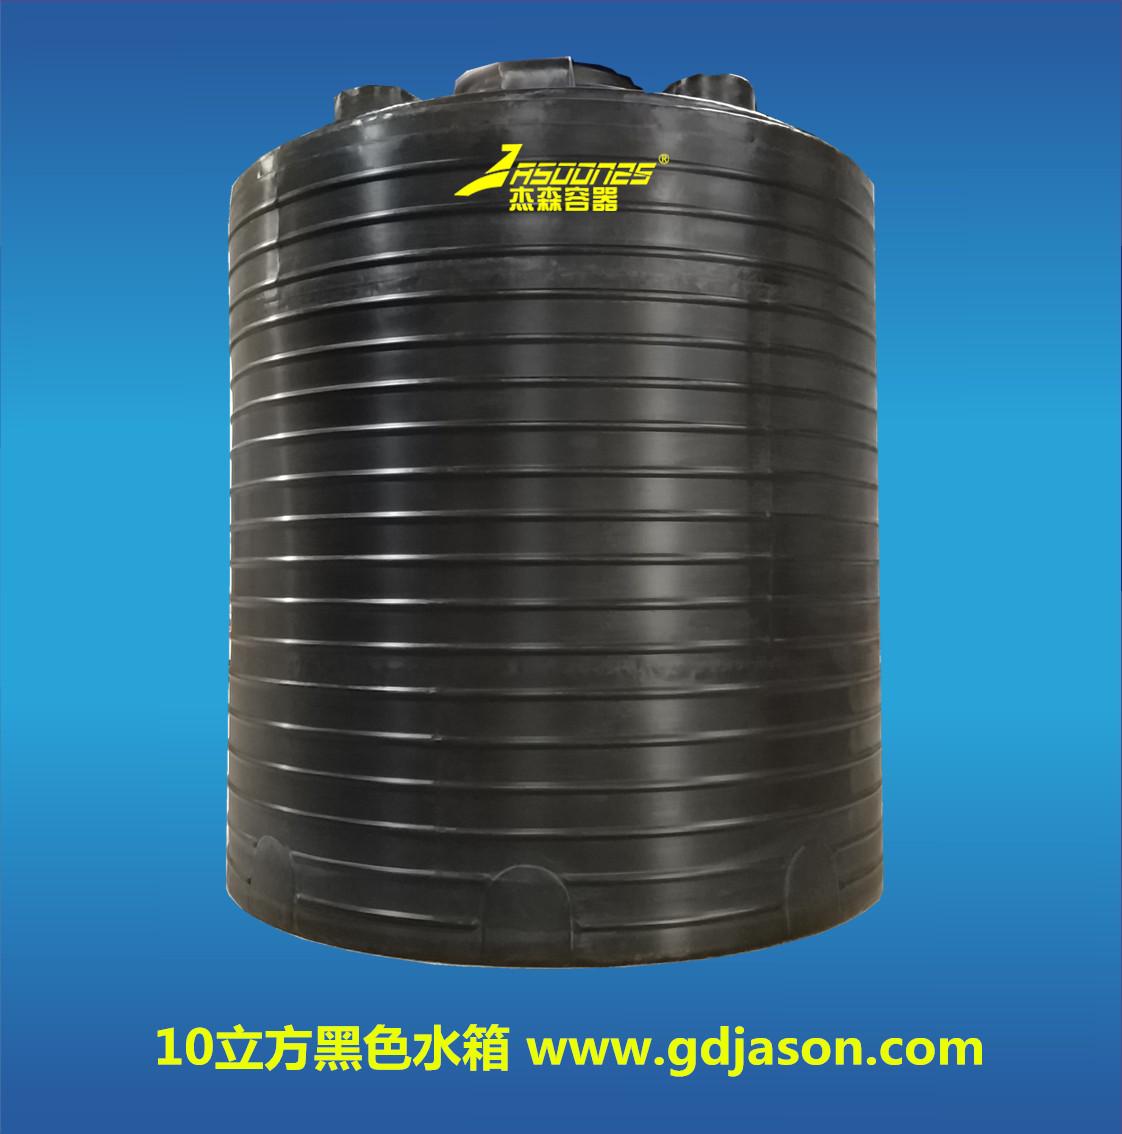 10立方漂水(次氯酸钠)储罐